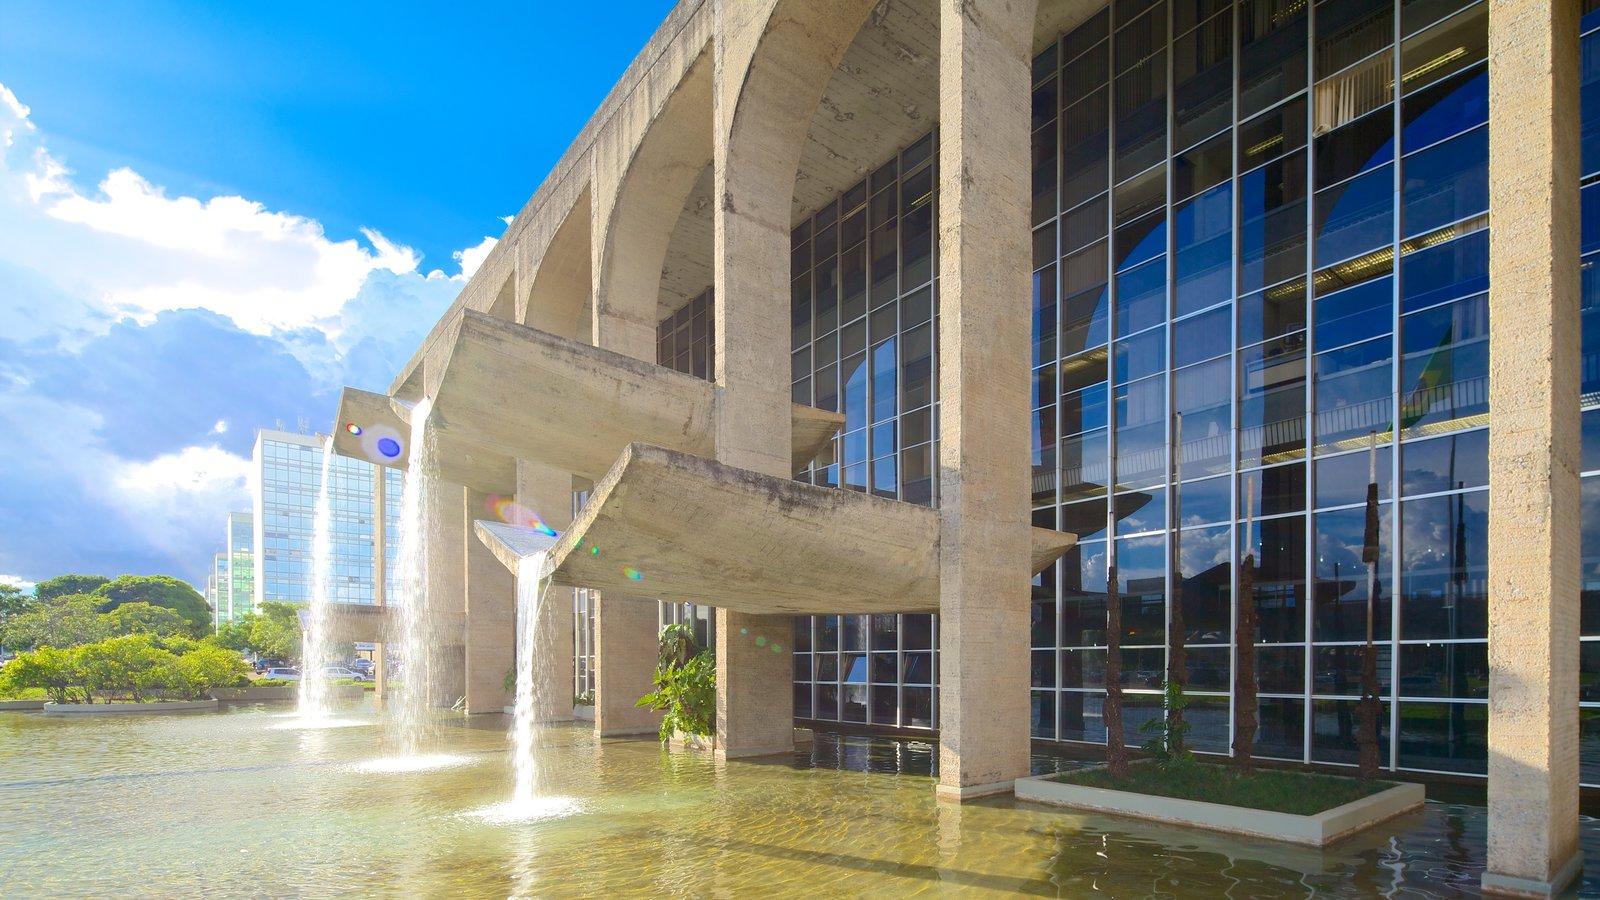 Palácio de Justiça que inclui arquitetura moderna e um edifício administrativo